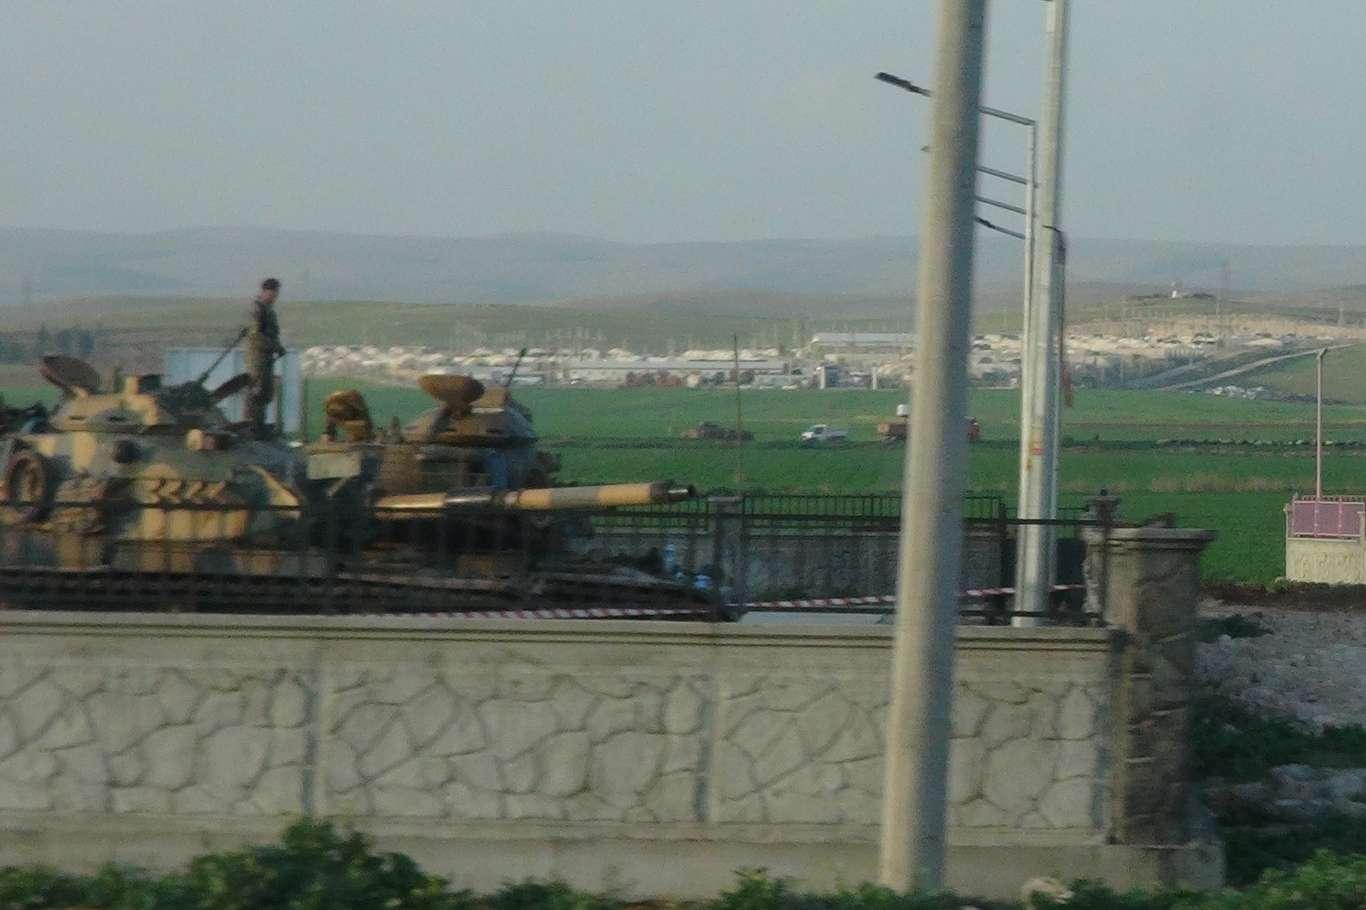 Nuseybin'e operasyon başladı mı? Tanklar İpekyolu'na konumlandı